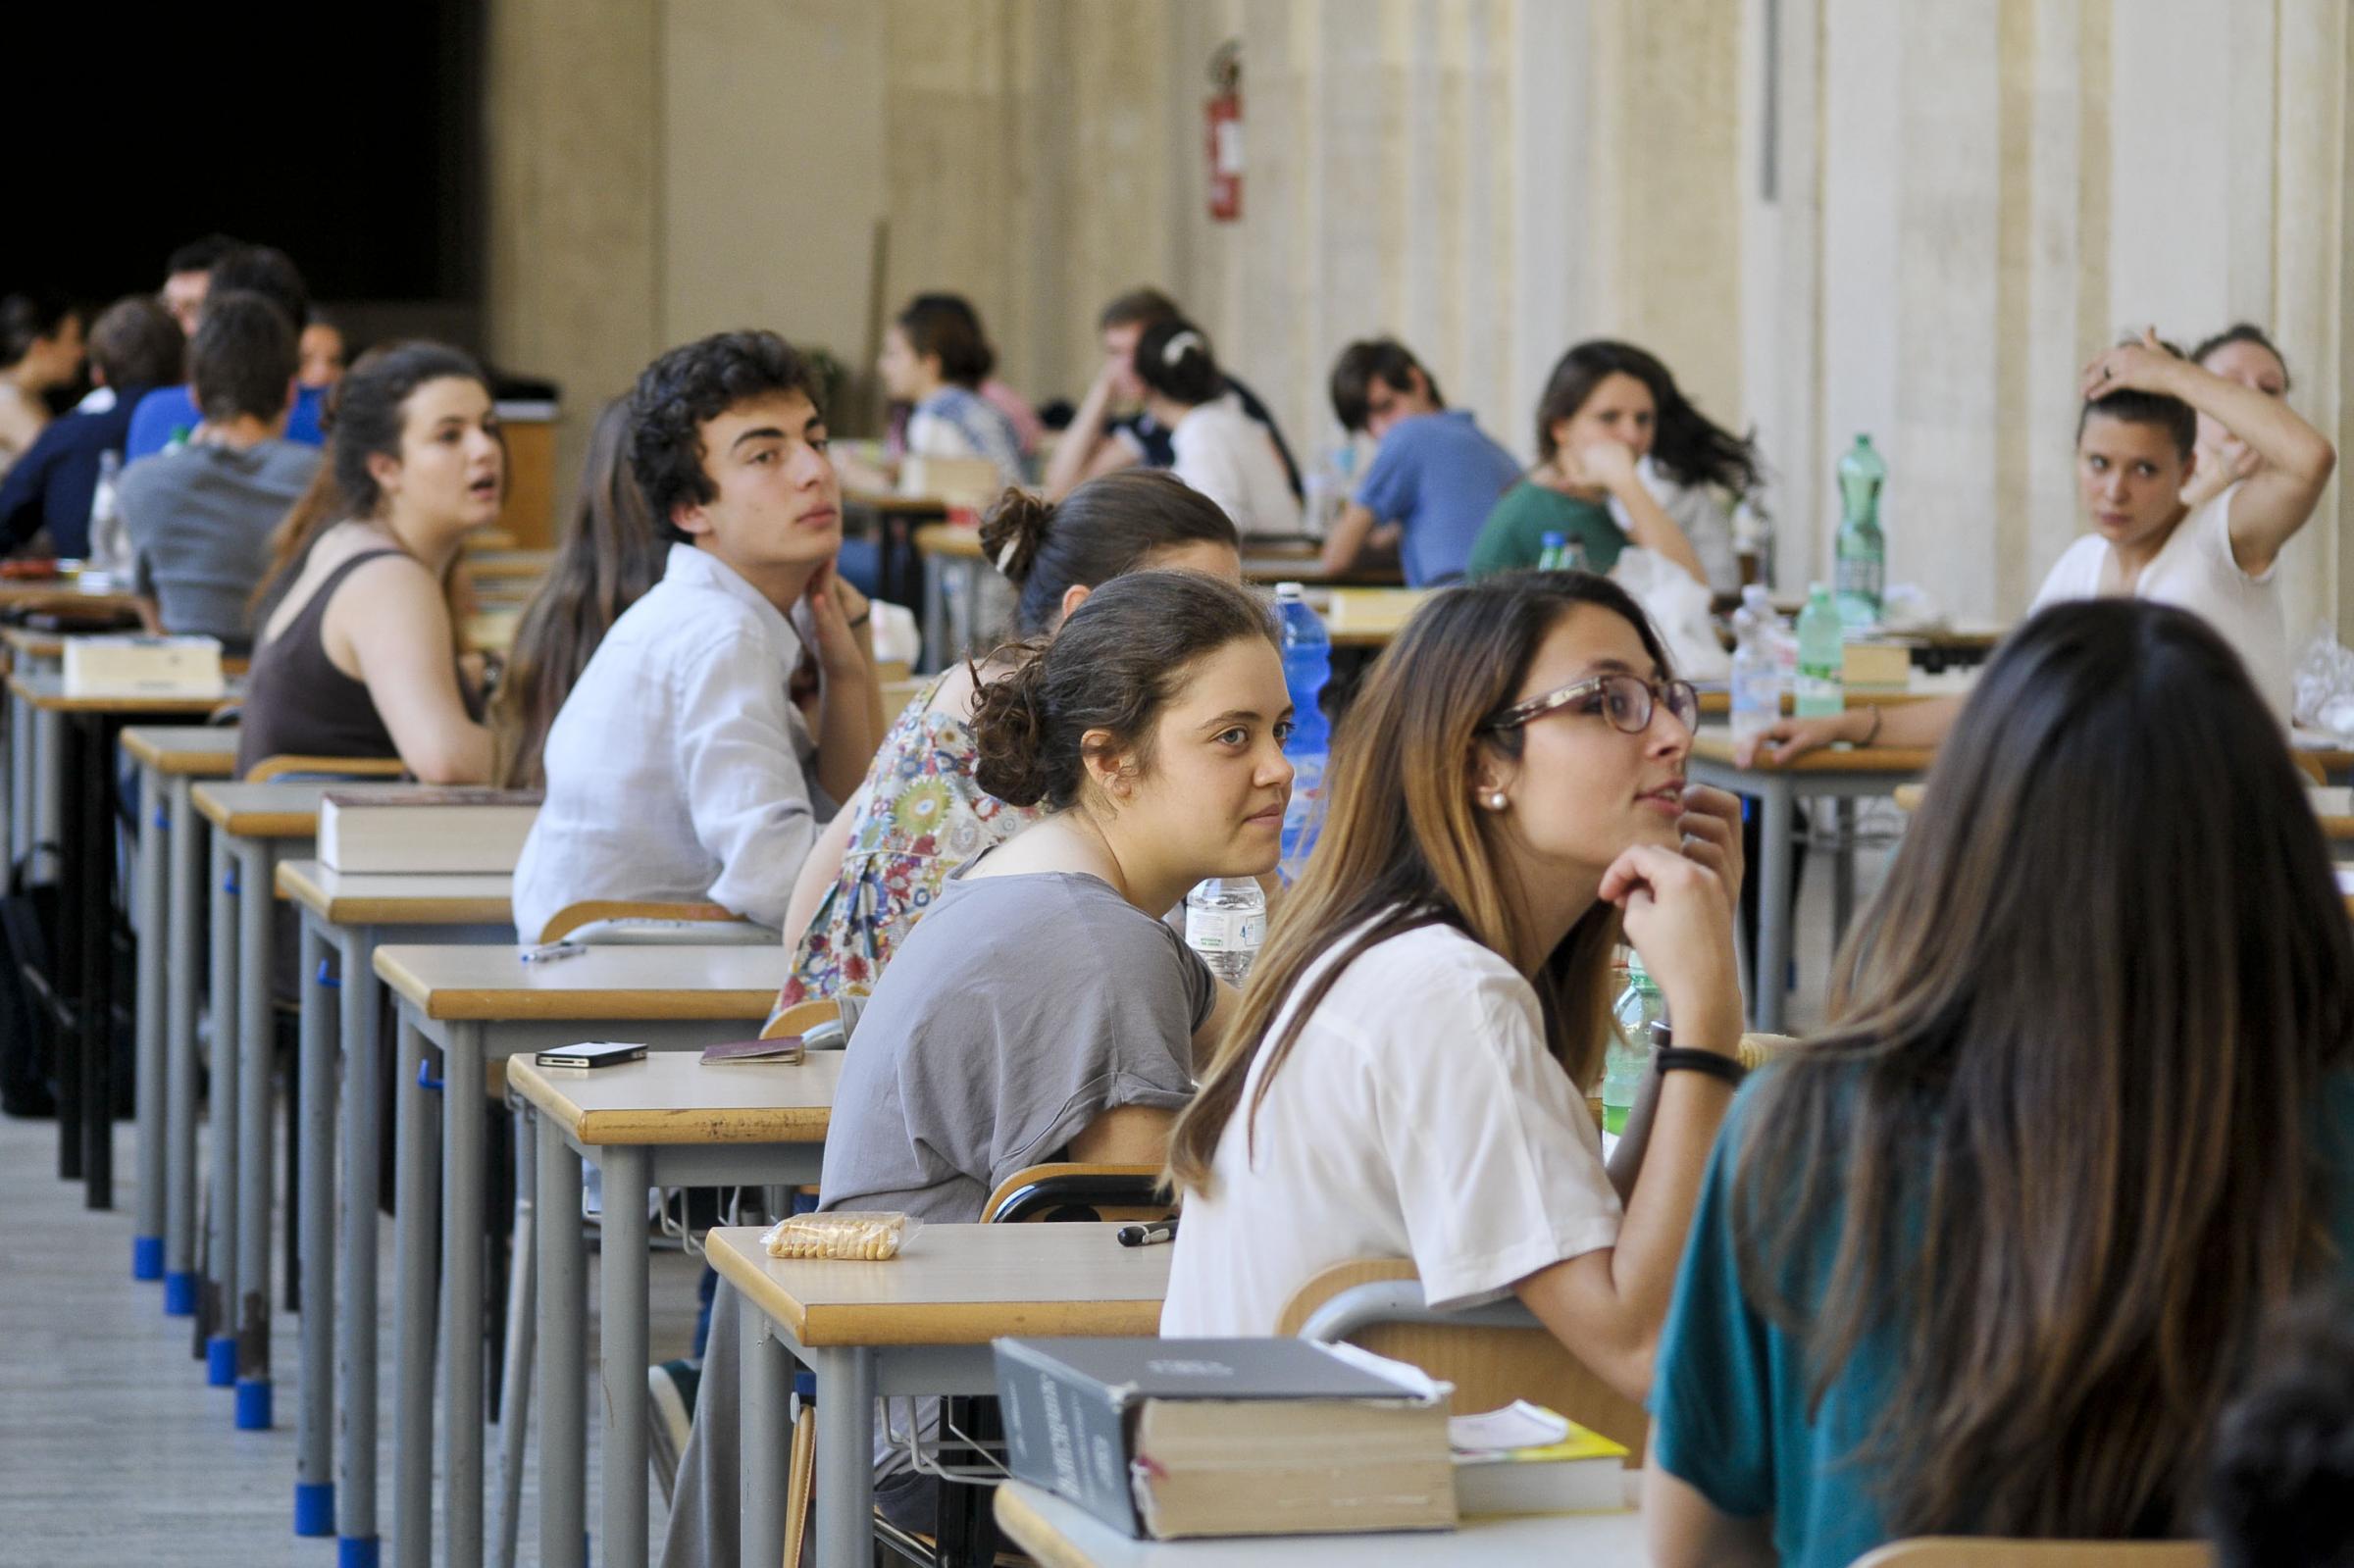 Maturità 2015 seconda prova, materie: latino al classico e matematica allo scientifico